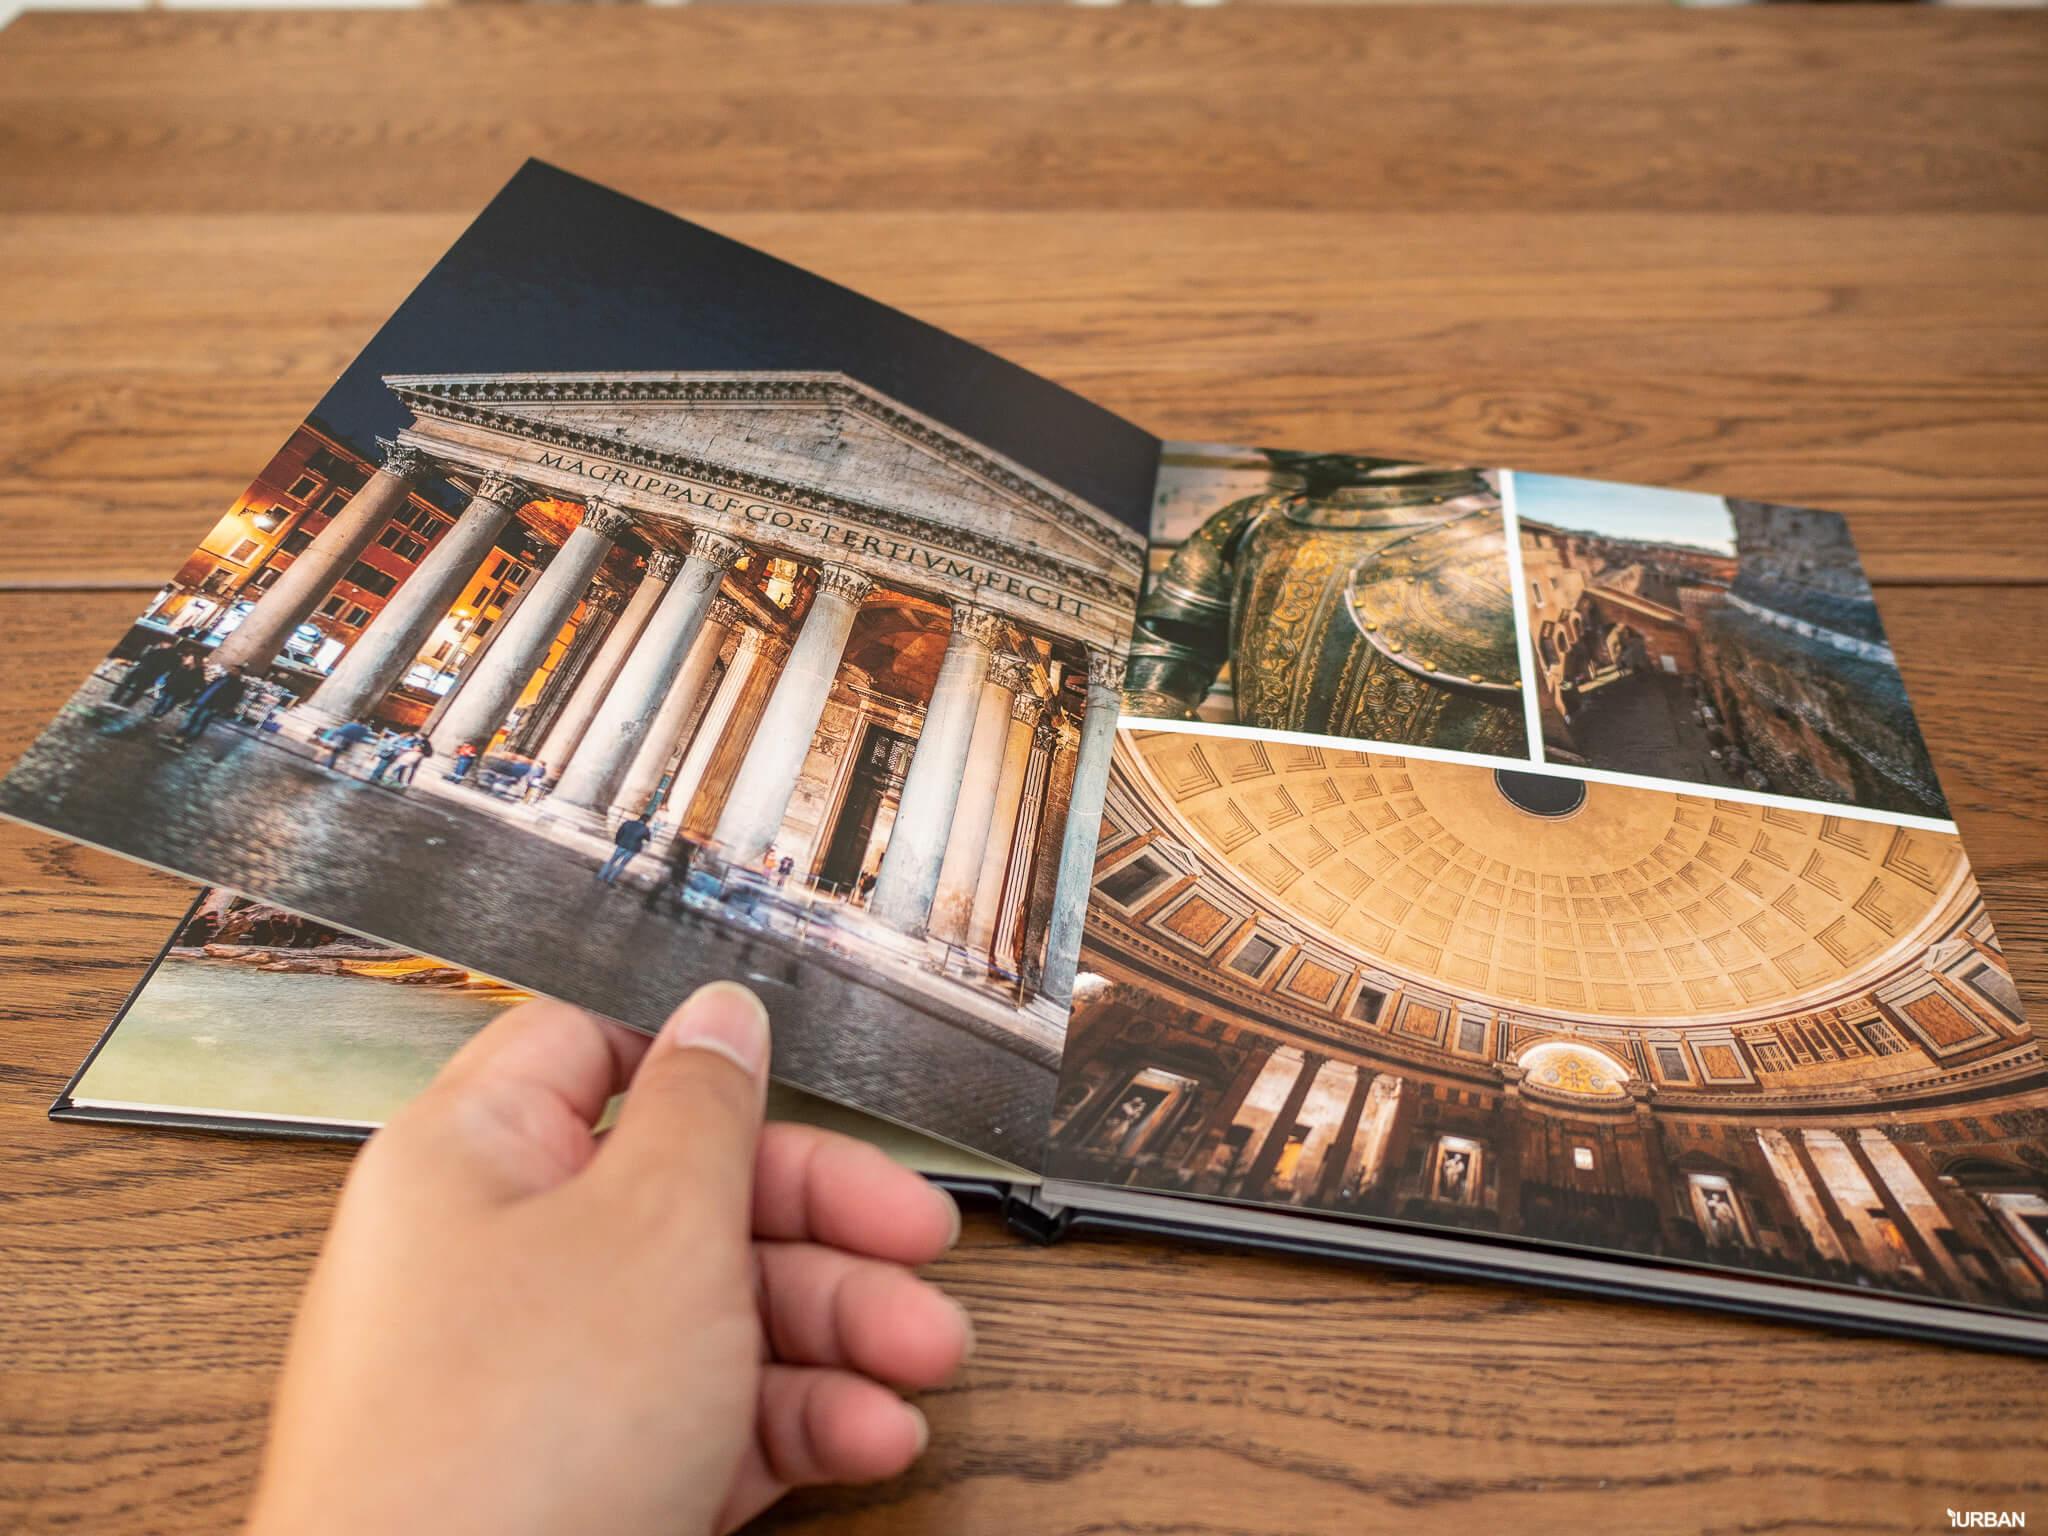 รีวิว 3 บริการจาก Photobook ภาพติดผนัง แคนวาส คุณภาพระดับโลก ออกแบบเองได้ #แจกโค้ดลด90% 🚨 33 - decor